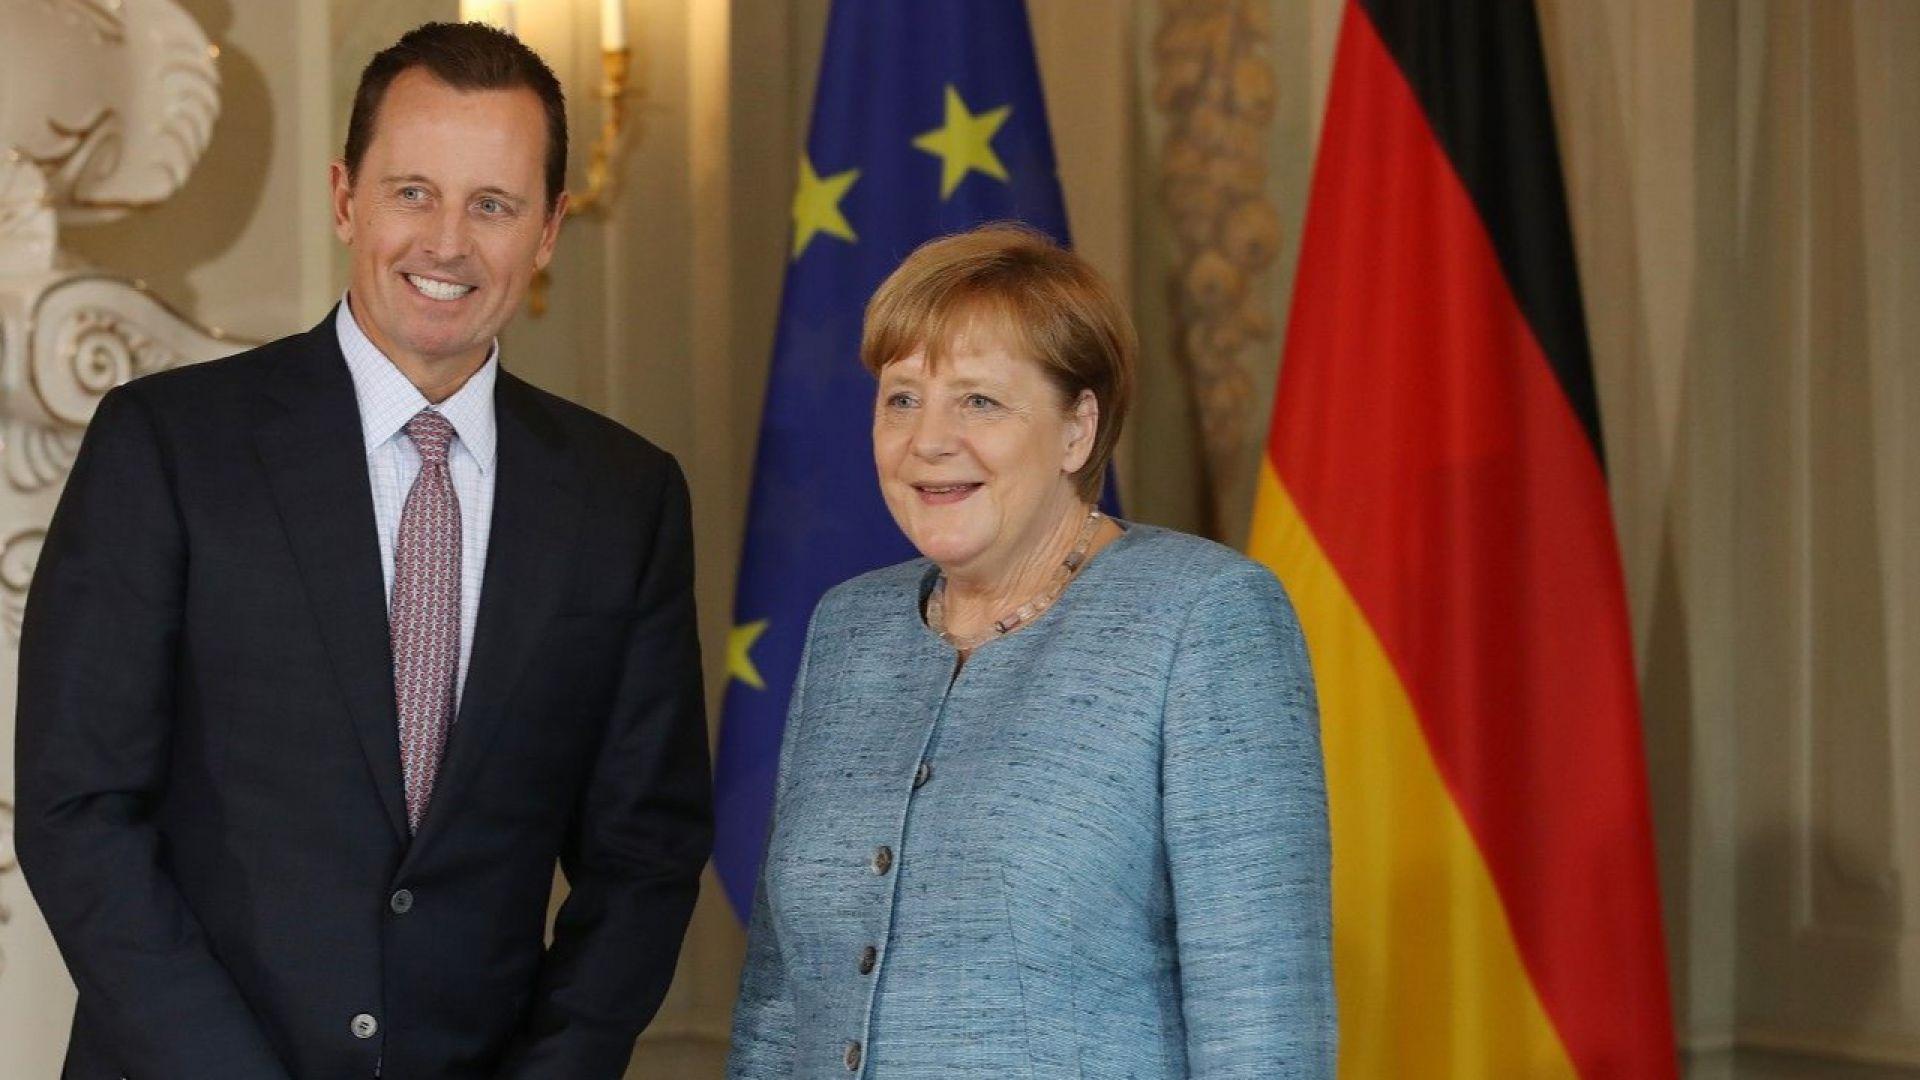 US санкциите били за доброто на Европа, но Германия решително ги отхвърли